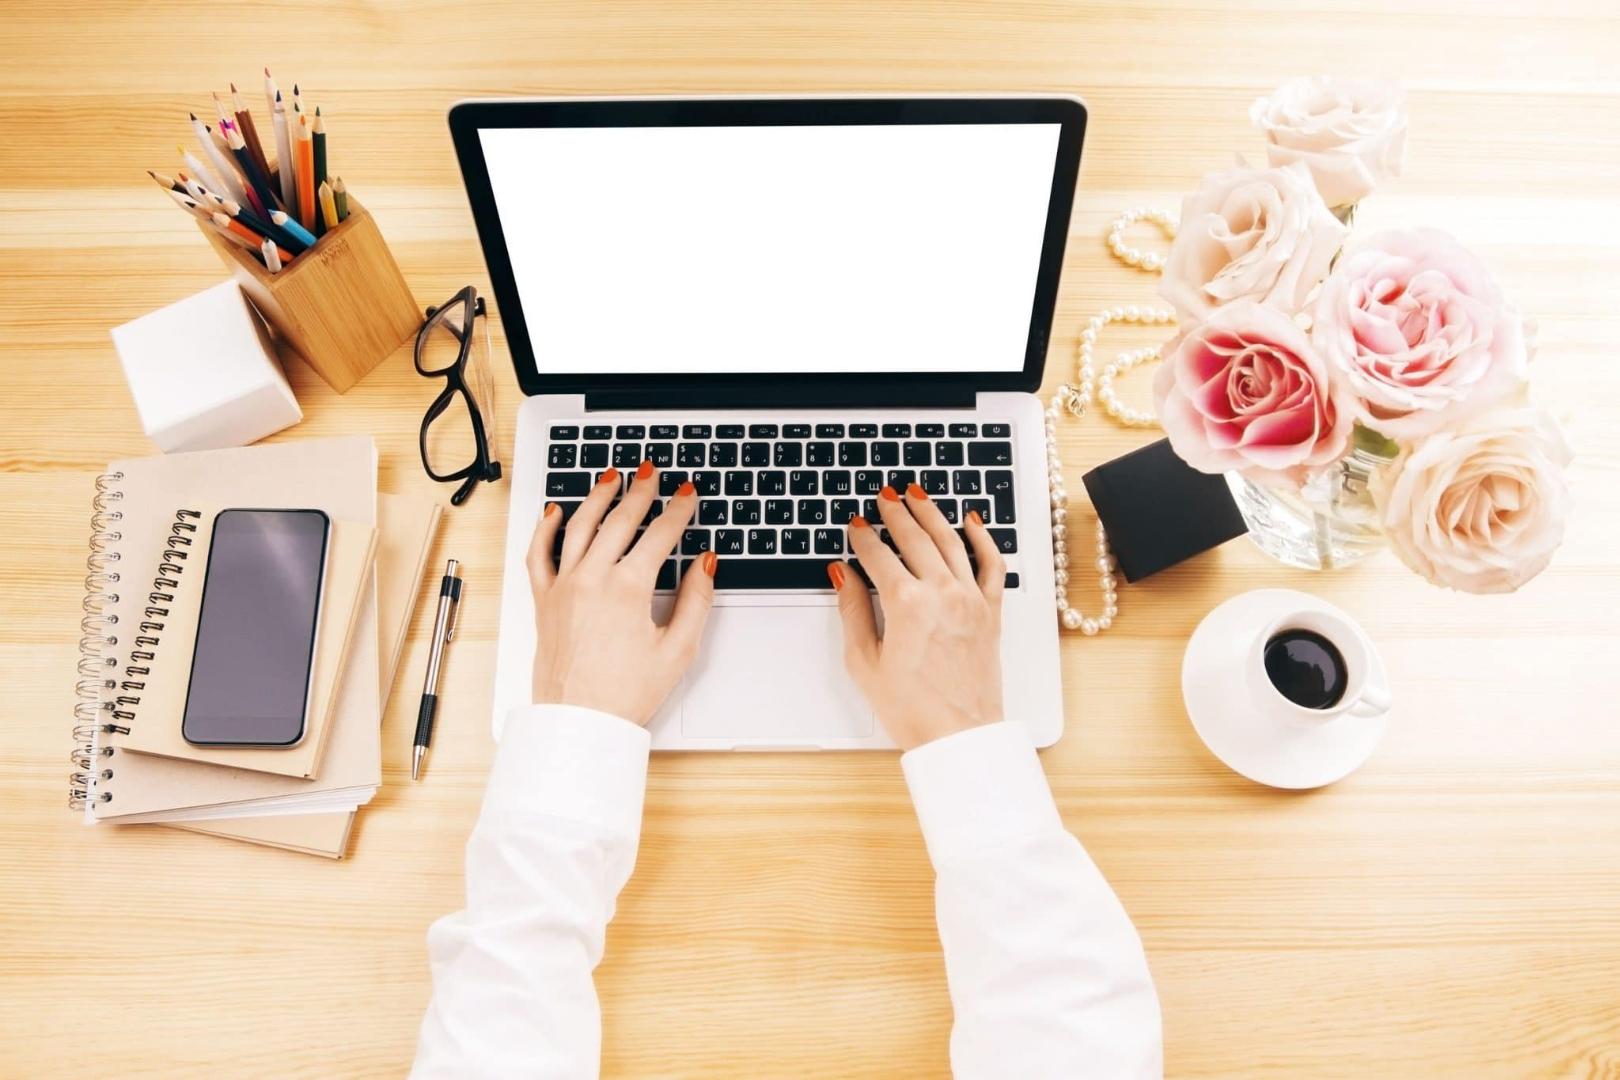 Ini Dia 5 Skill Yang Perlu Diasah Sebelum Memasuki Dunia Kerja